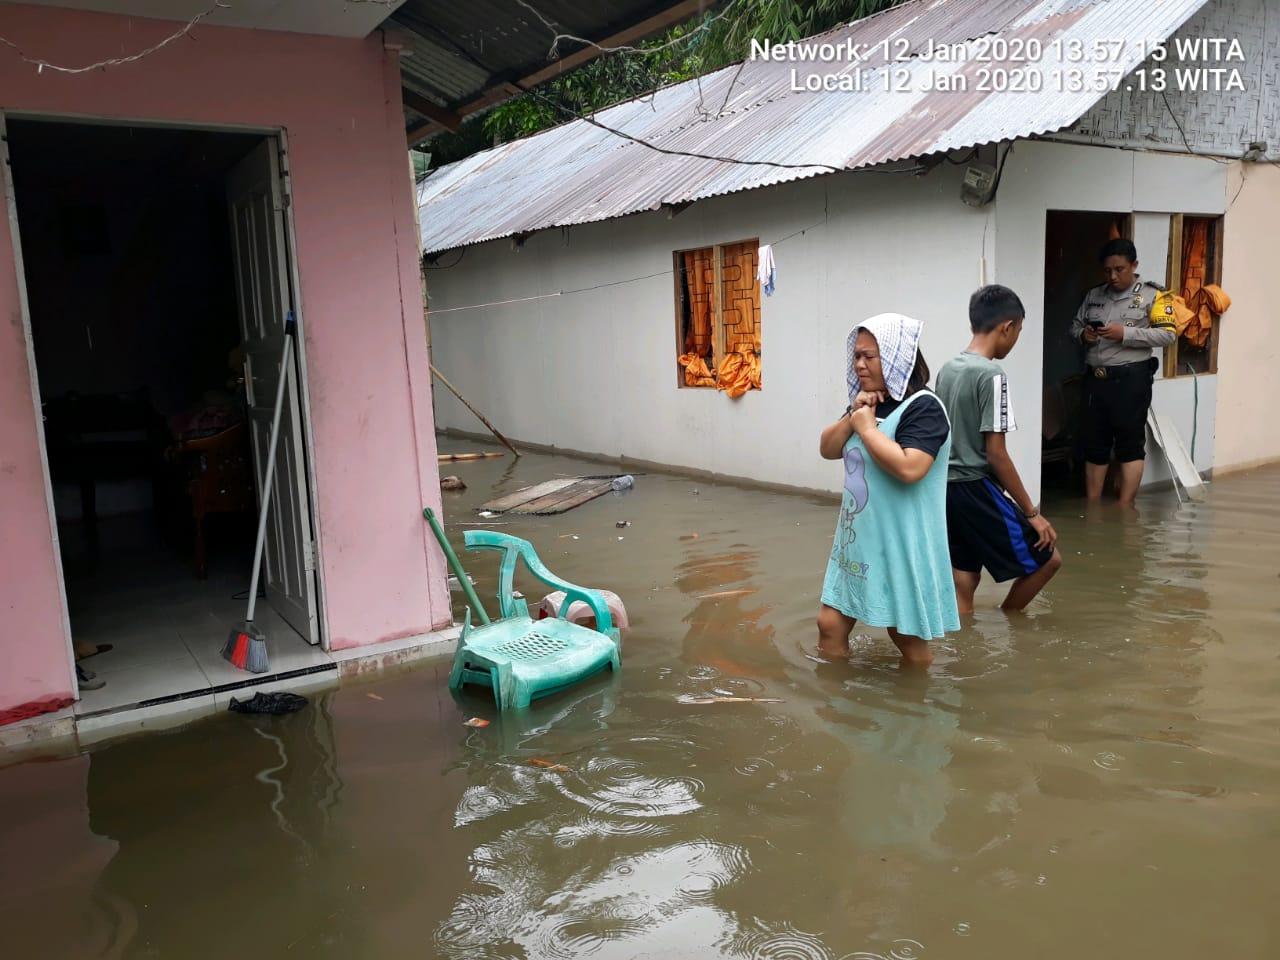 Tampak rumah warga yang terkena banjir berada di wilayah Kec. Kota Timur, Kota Gorontalo.